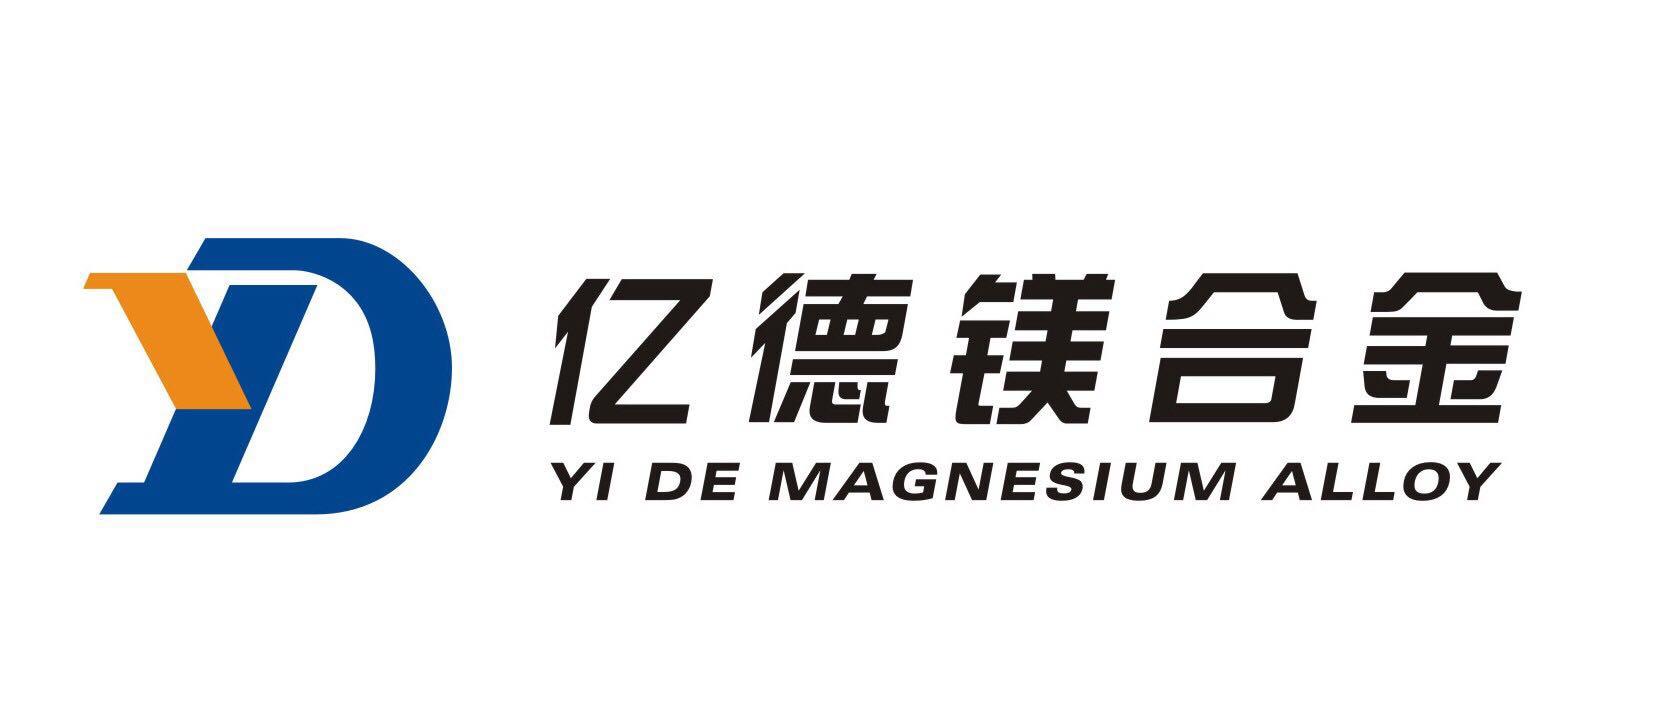 府谷县亿德镁合金有限责任公司